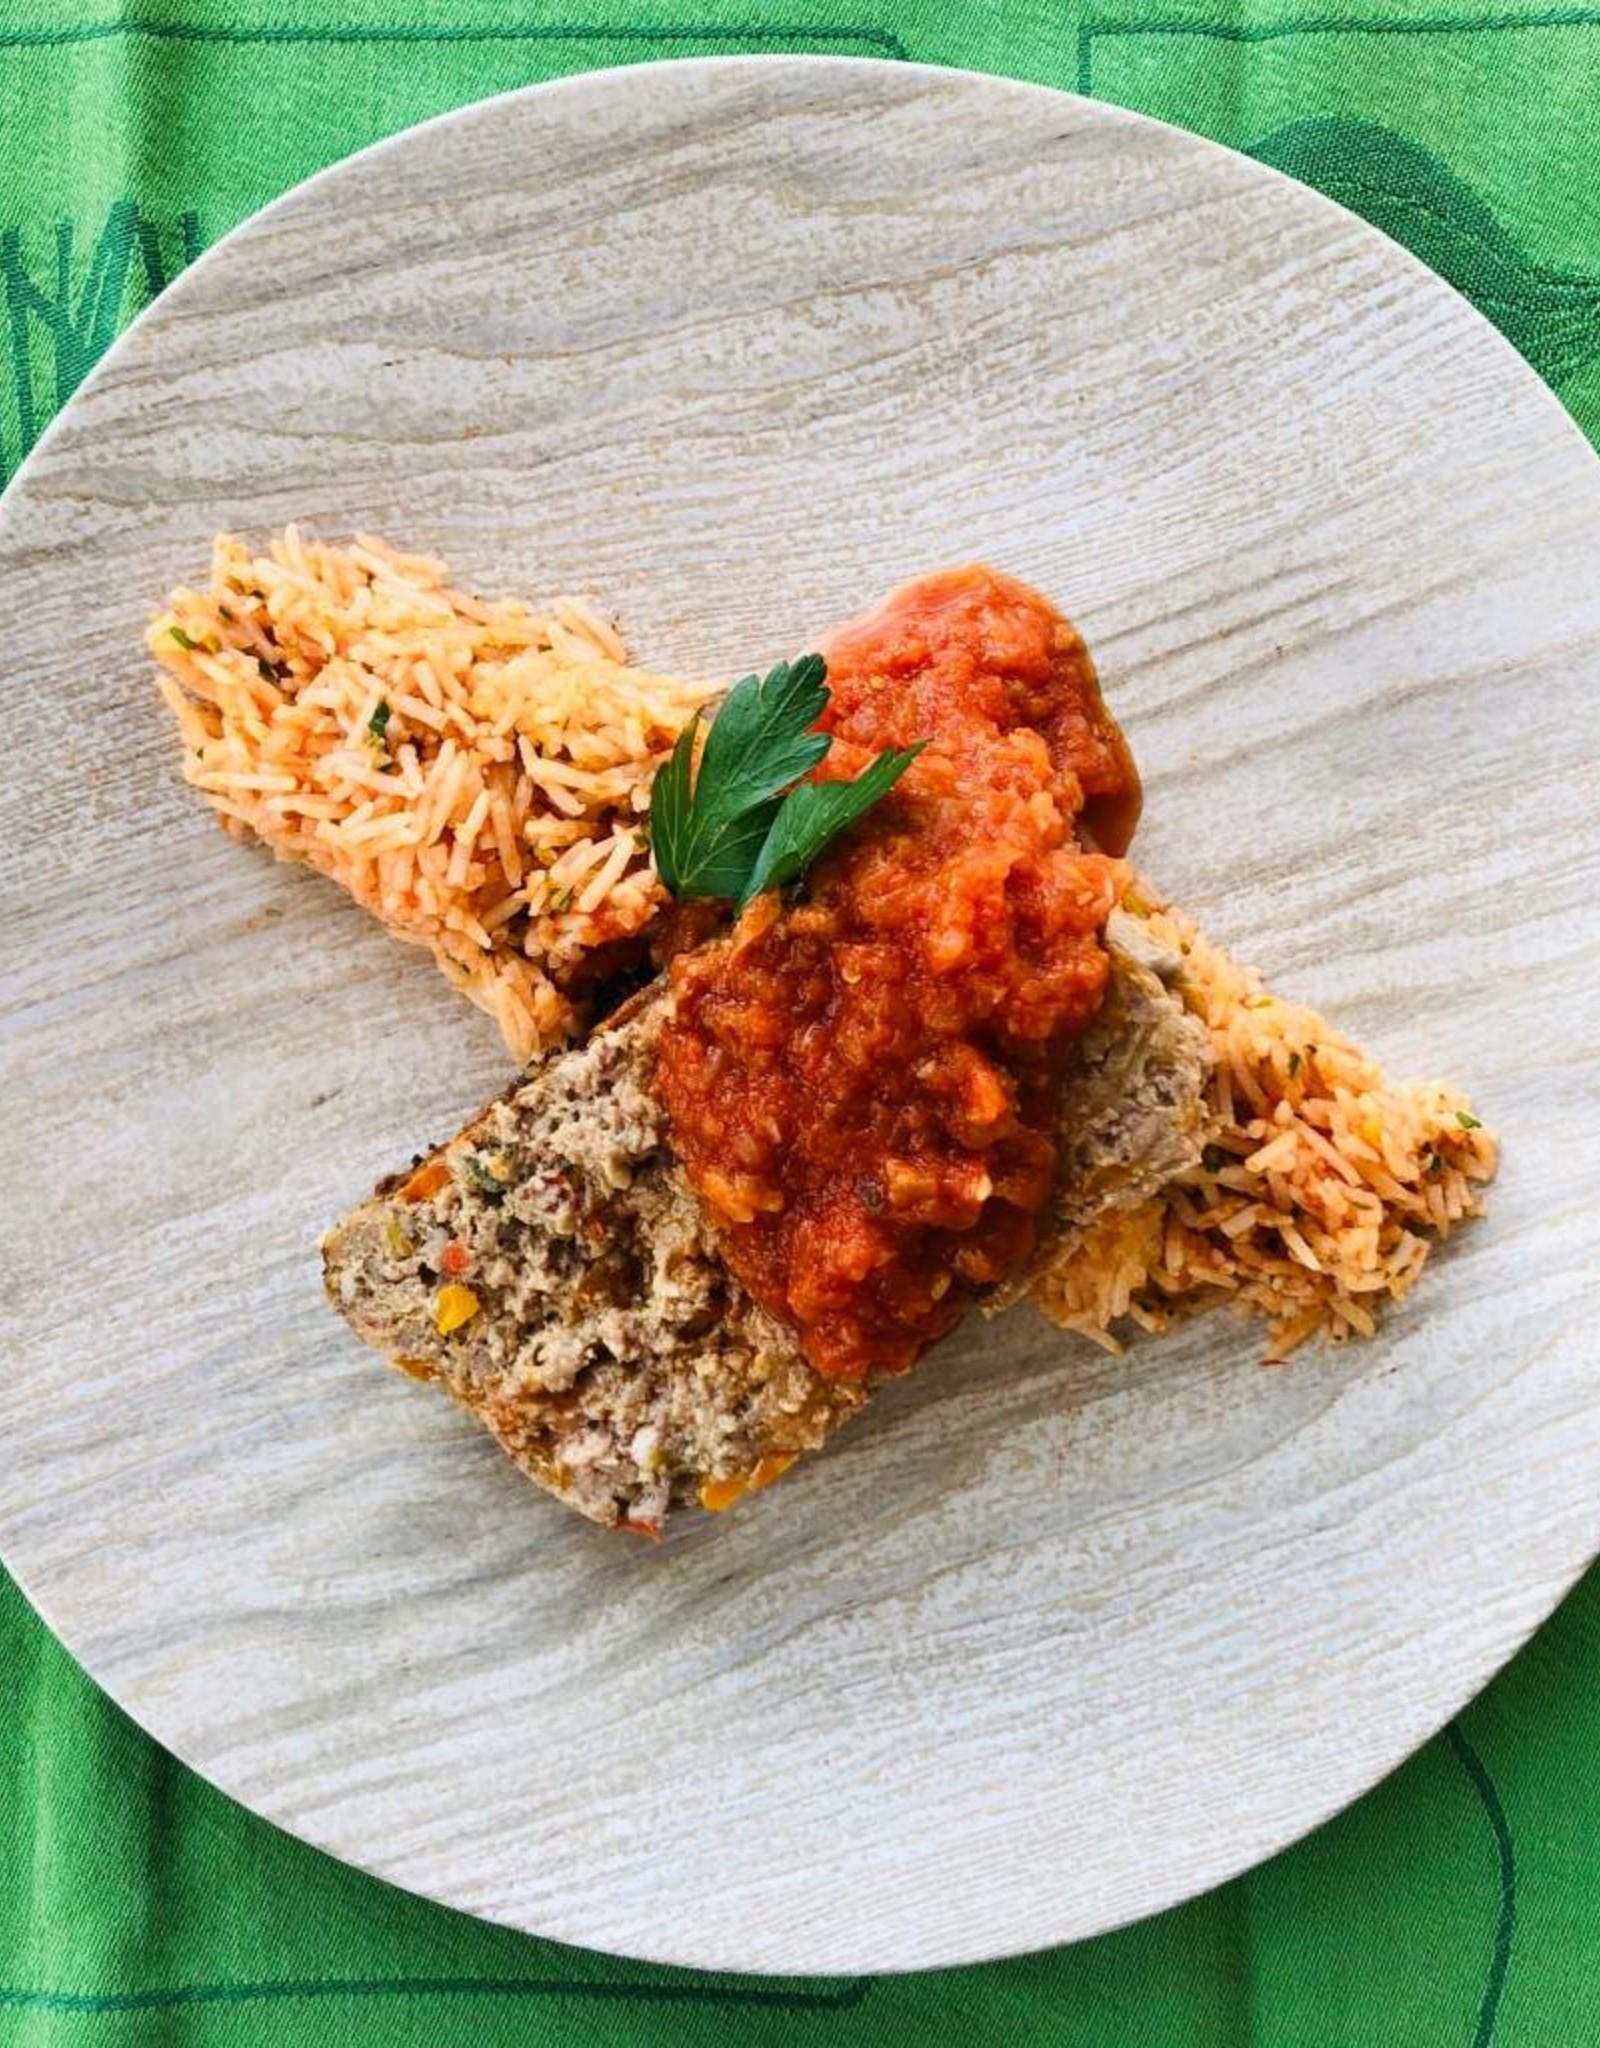 Pain de viande sur riz au fenouil